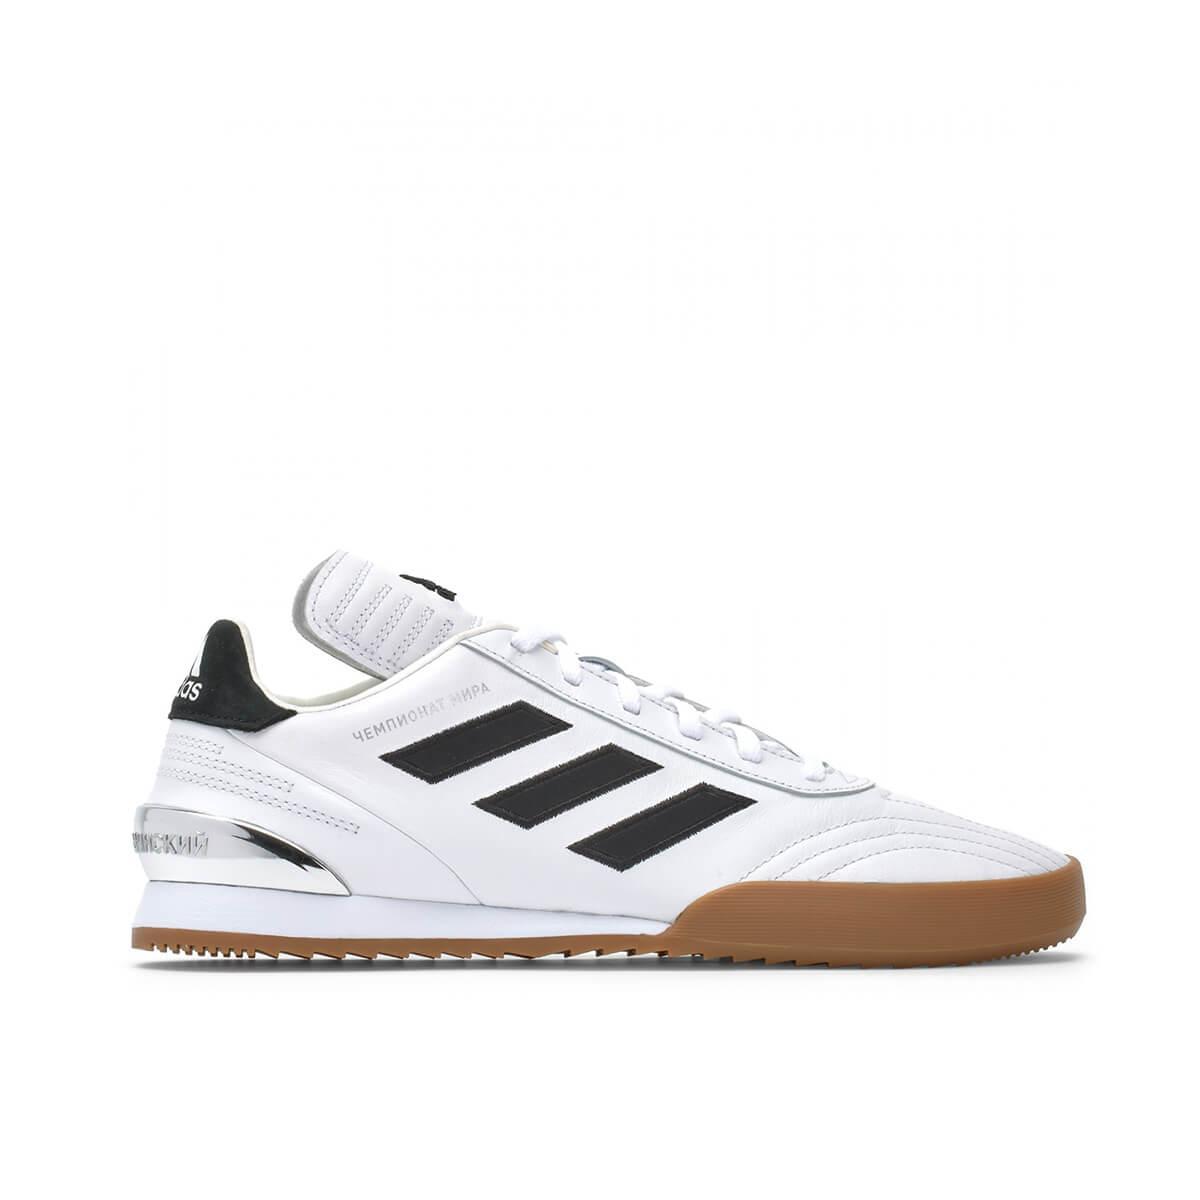 new style edbb3 e4e72 Gosha Rubchinskiy. Mens White Adidas Copa ...